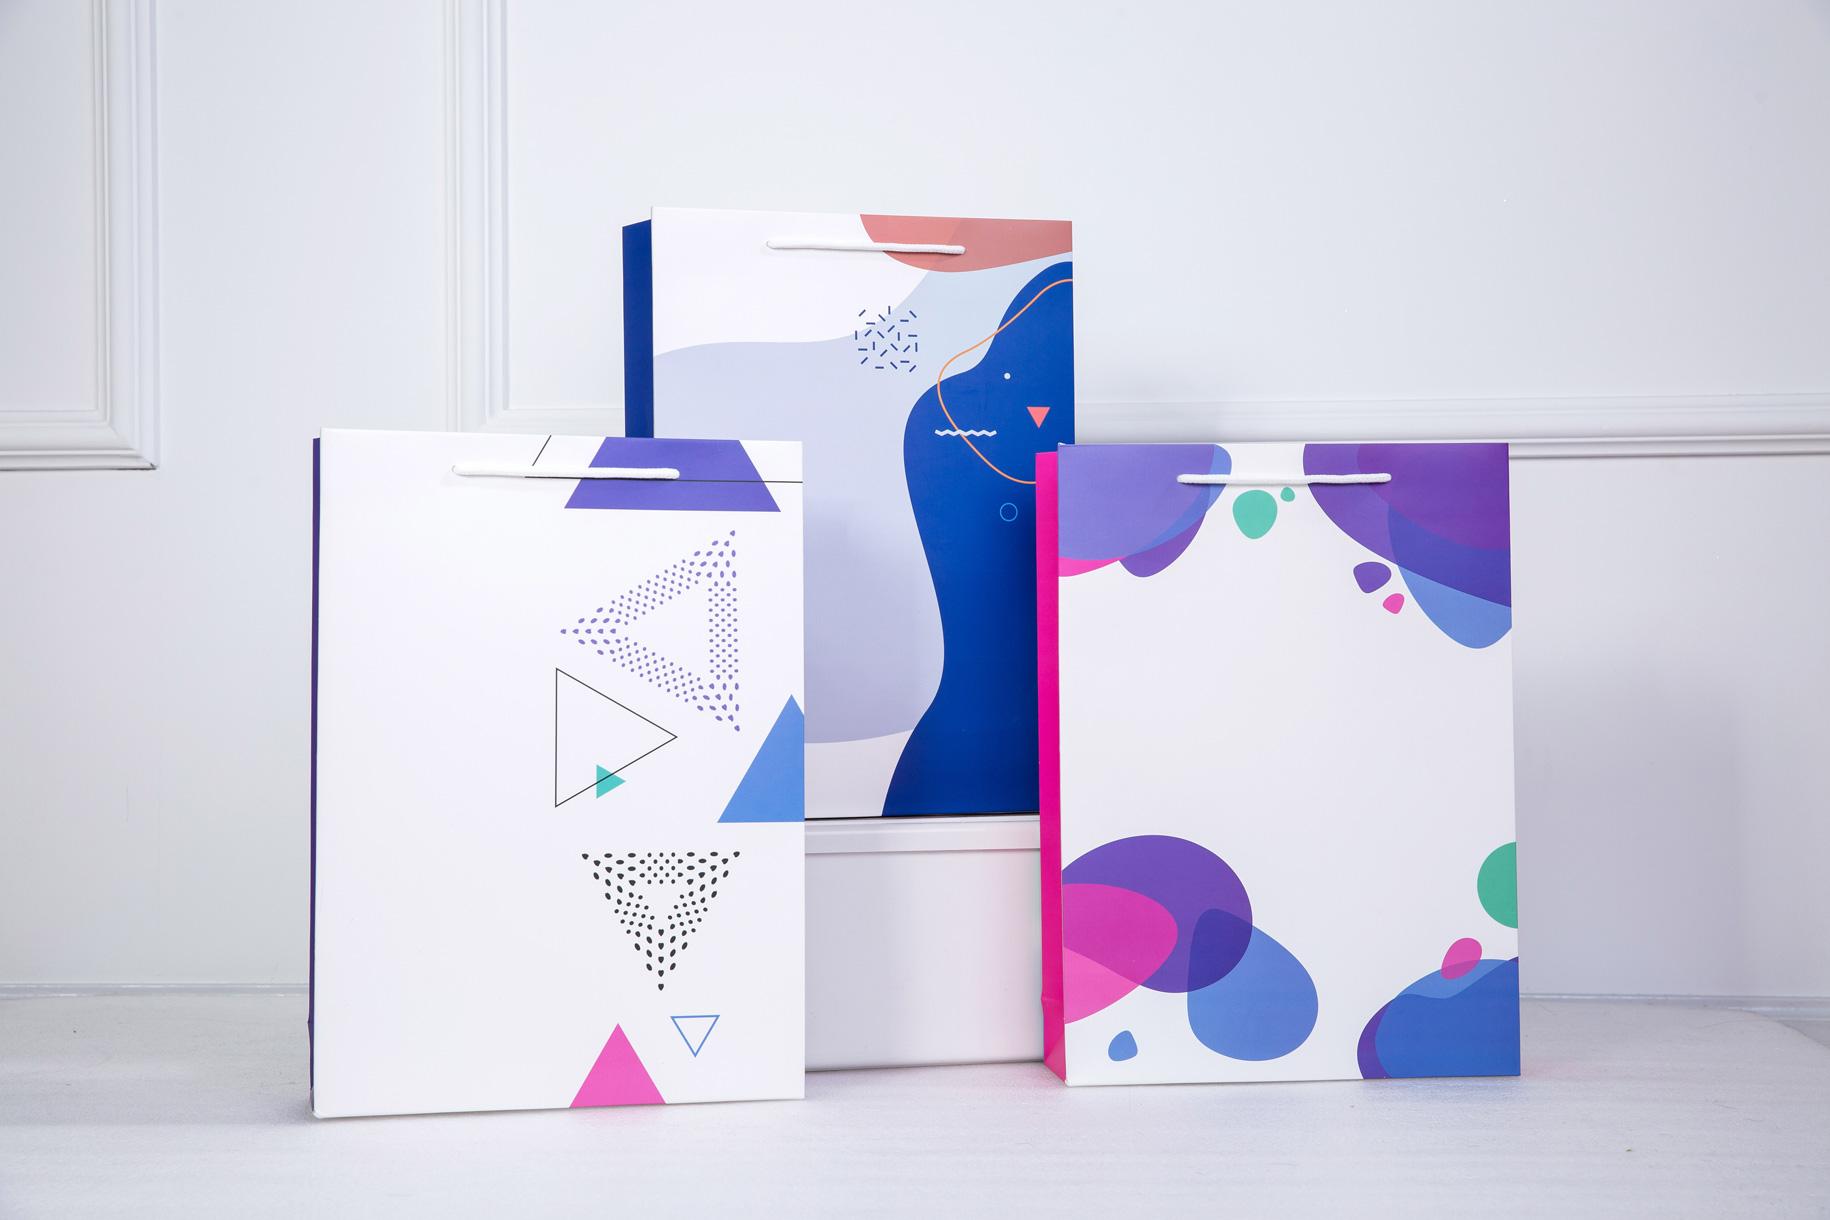 宁波市合冠包装制品有限公司将亮相CIPPME上海国际包装展